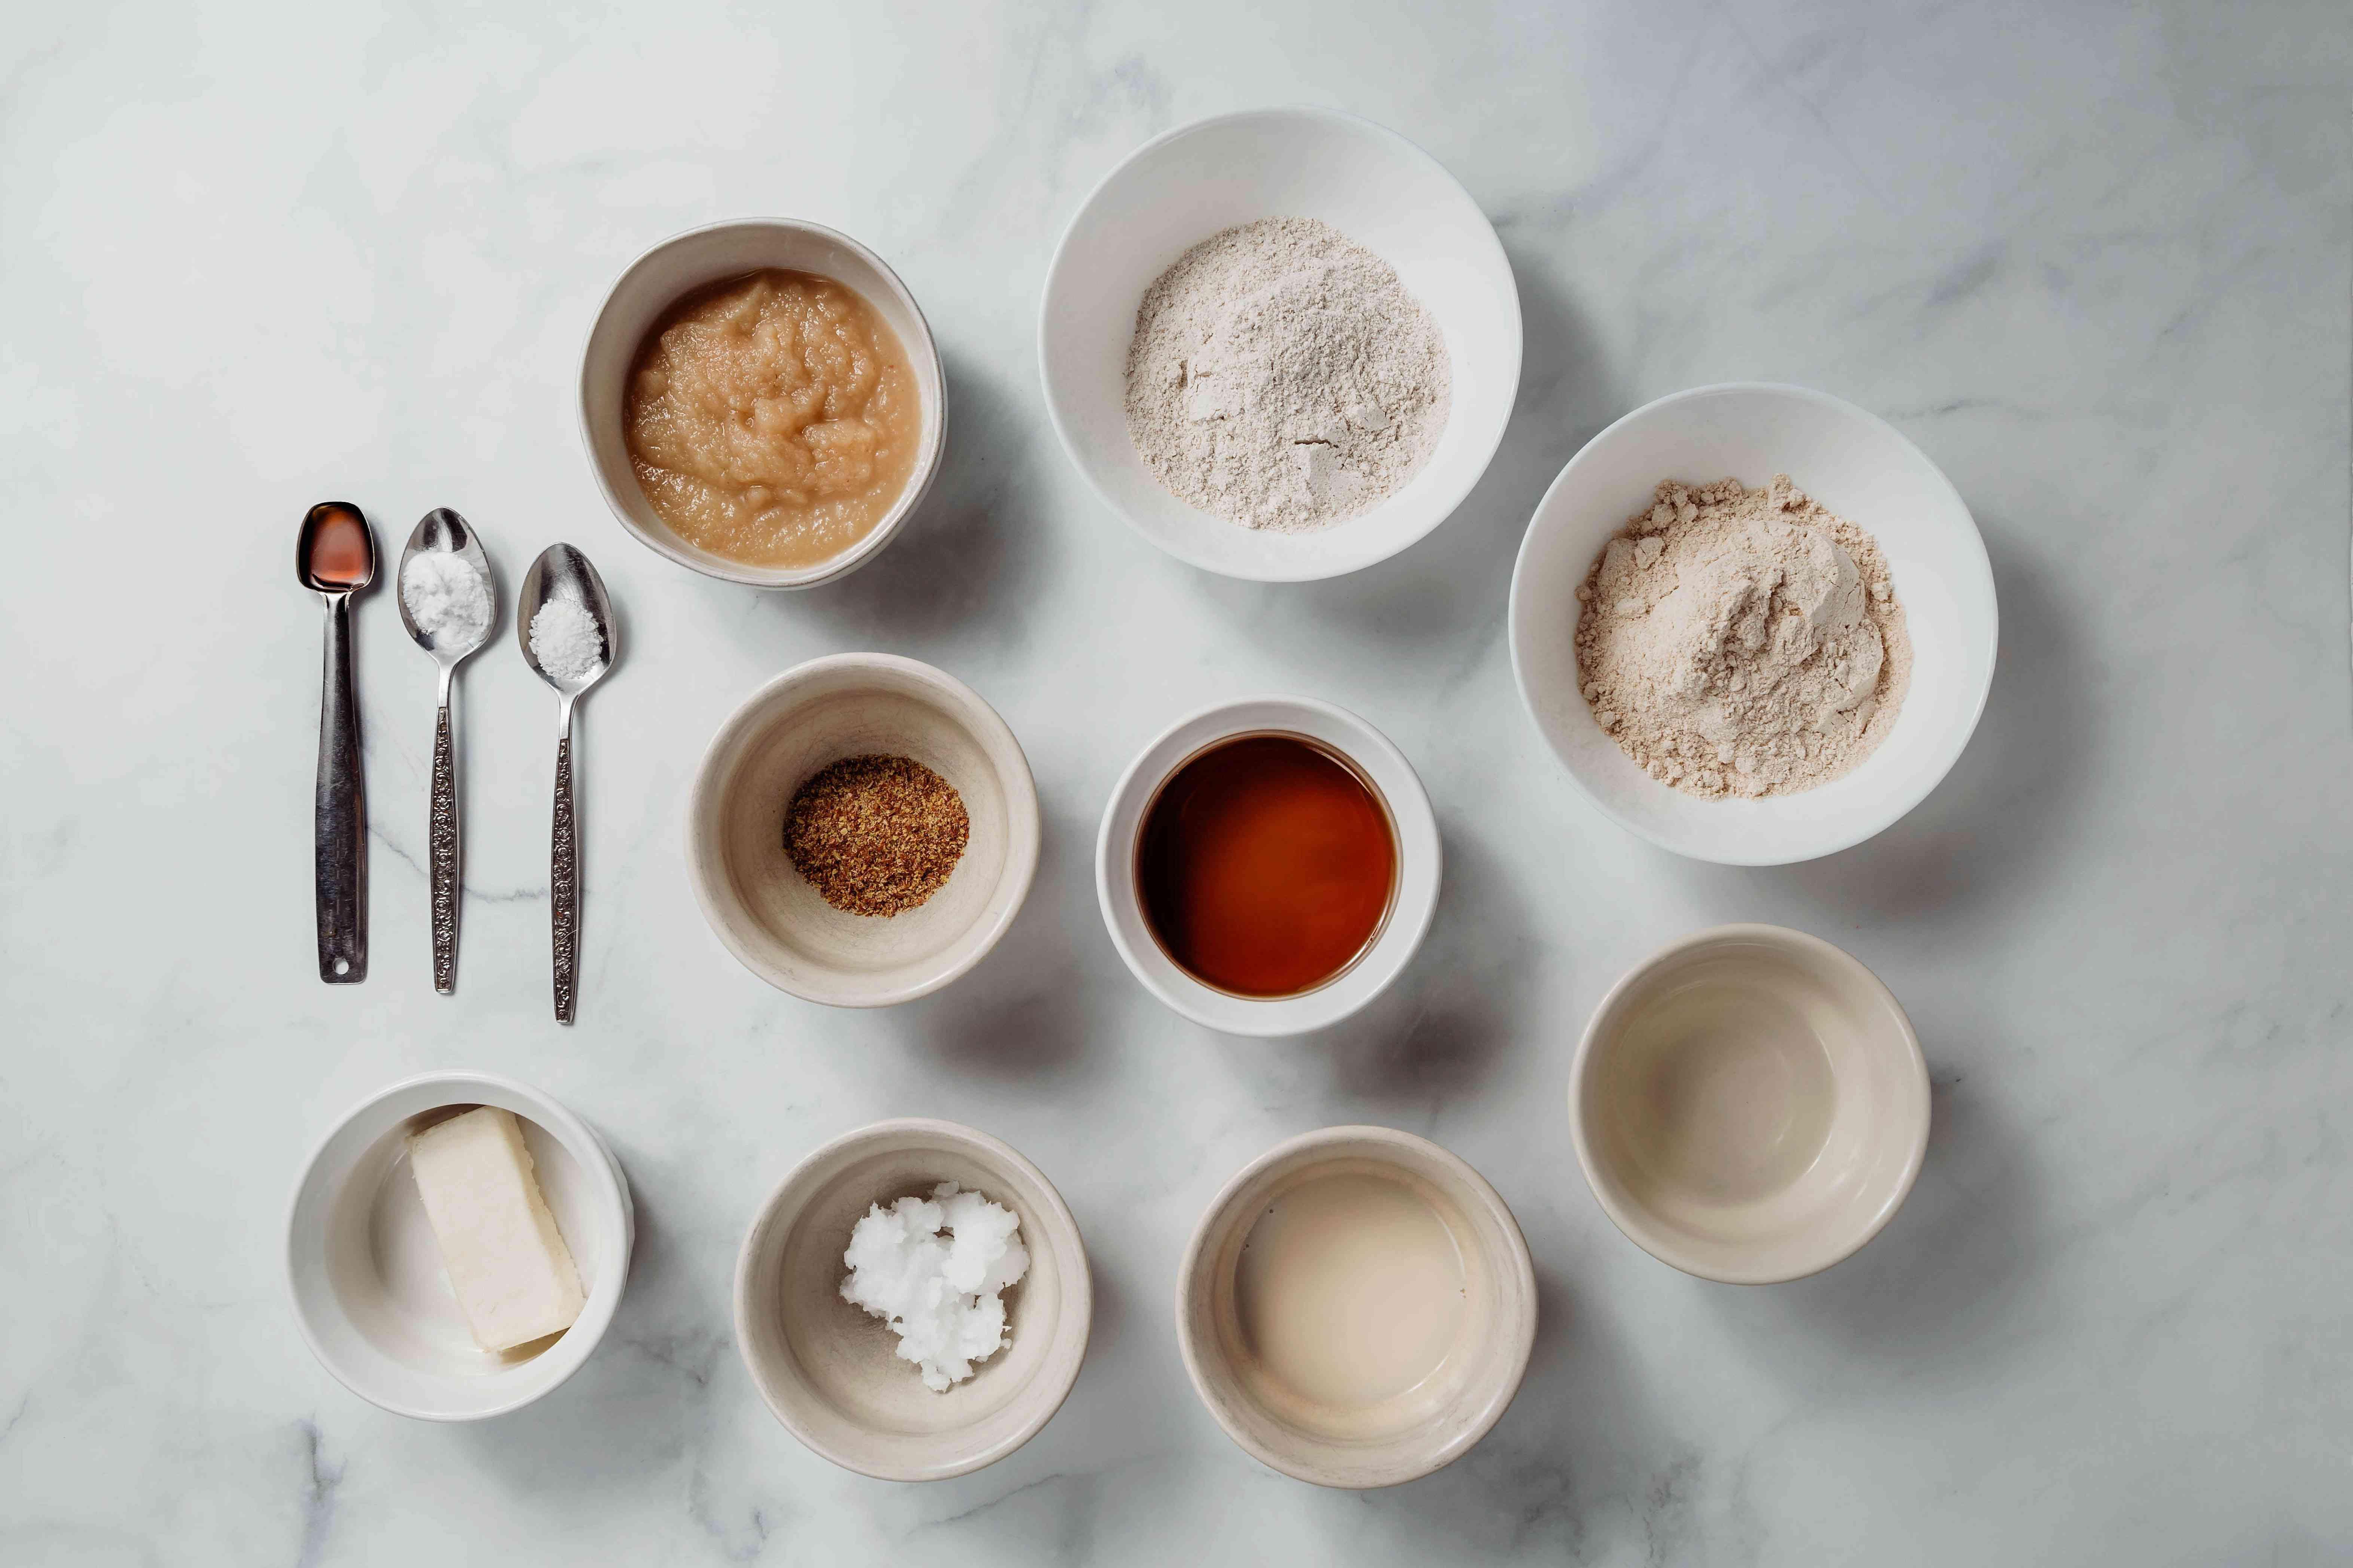 Basic Recipe for Vegan Muffins ingredients